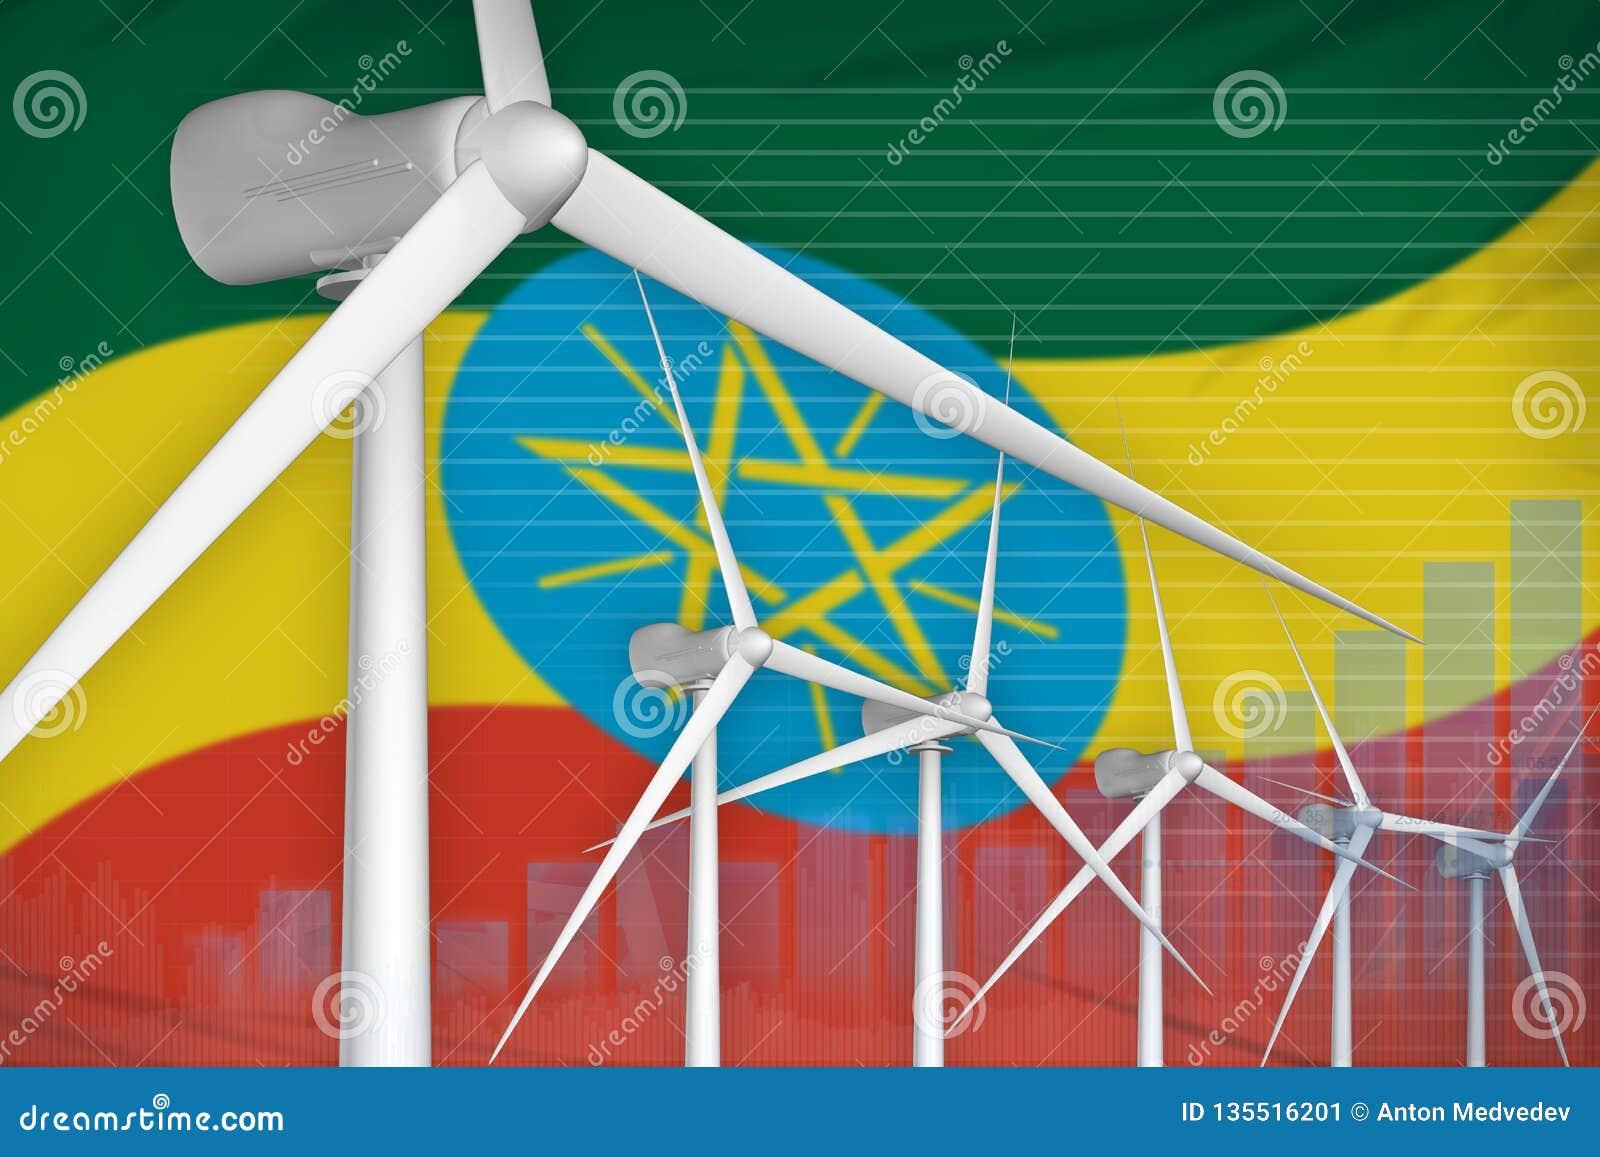 Begrepp för graf för makt för Etiopien vindenergi digitalt - förnybar industriell illustration för naturlig energi illustration 3